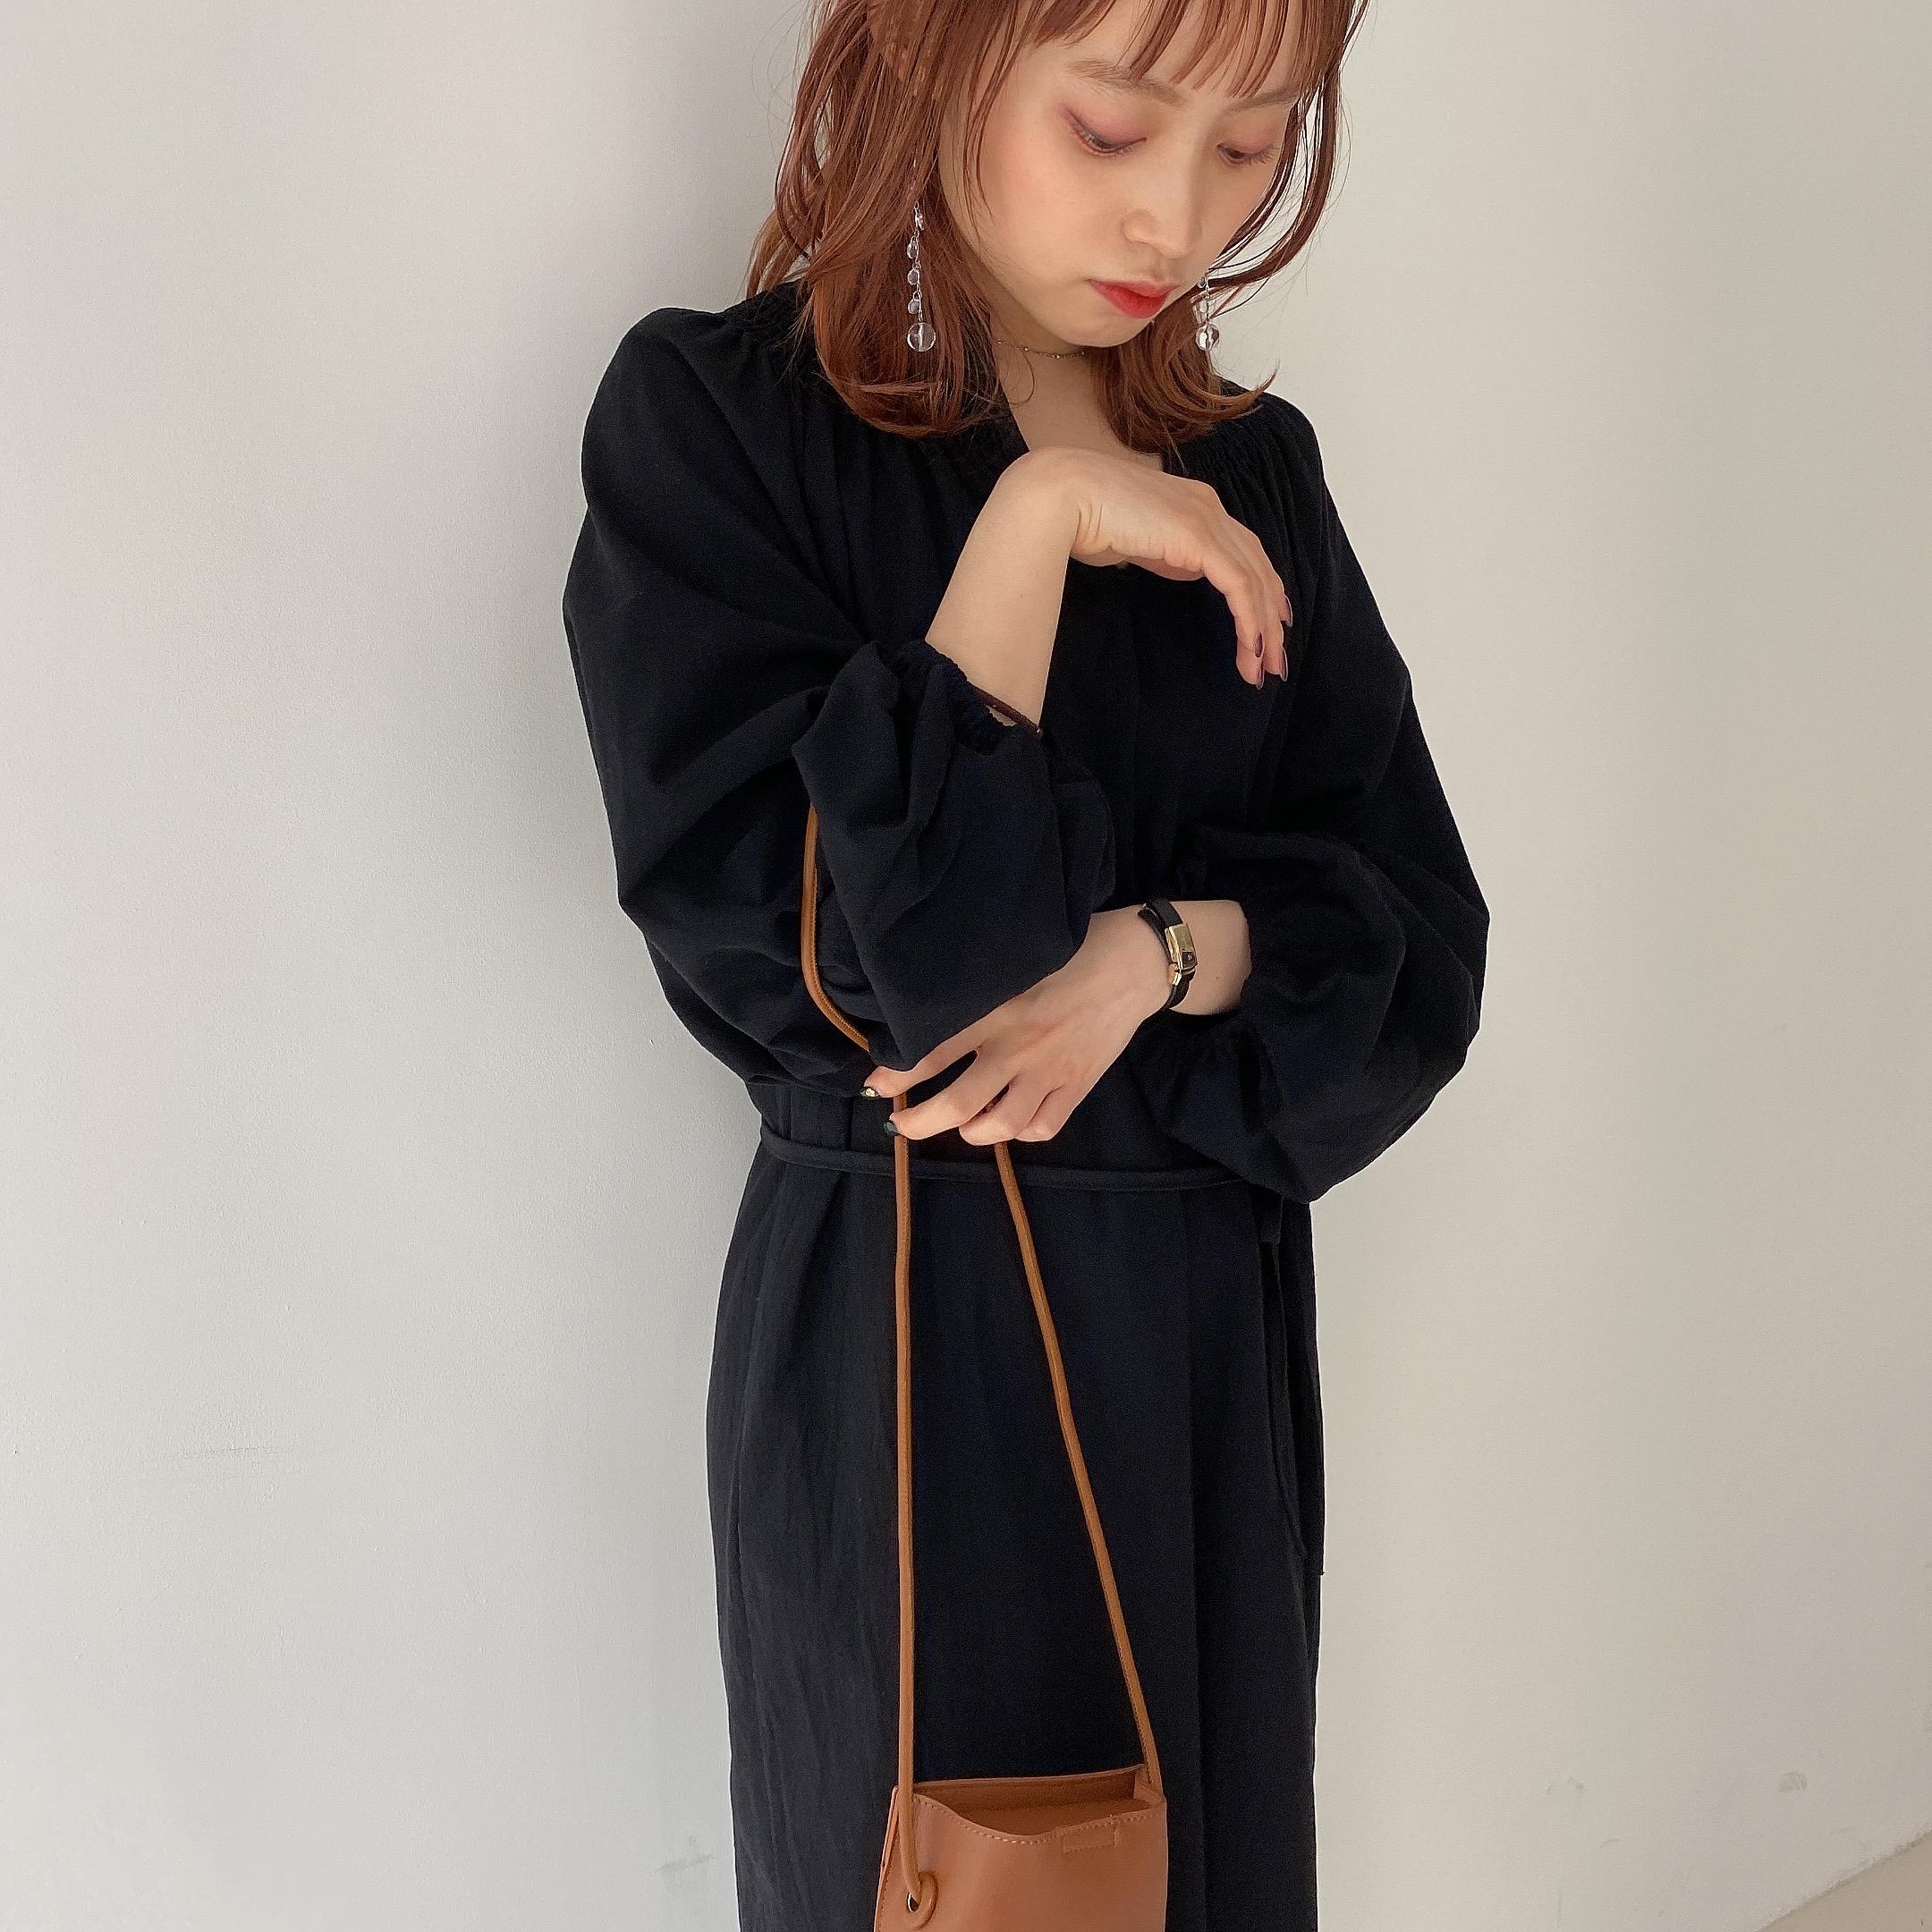 黒い服を着た女性